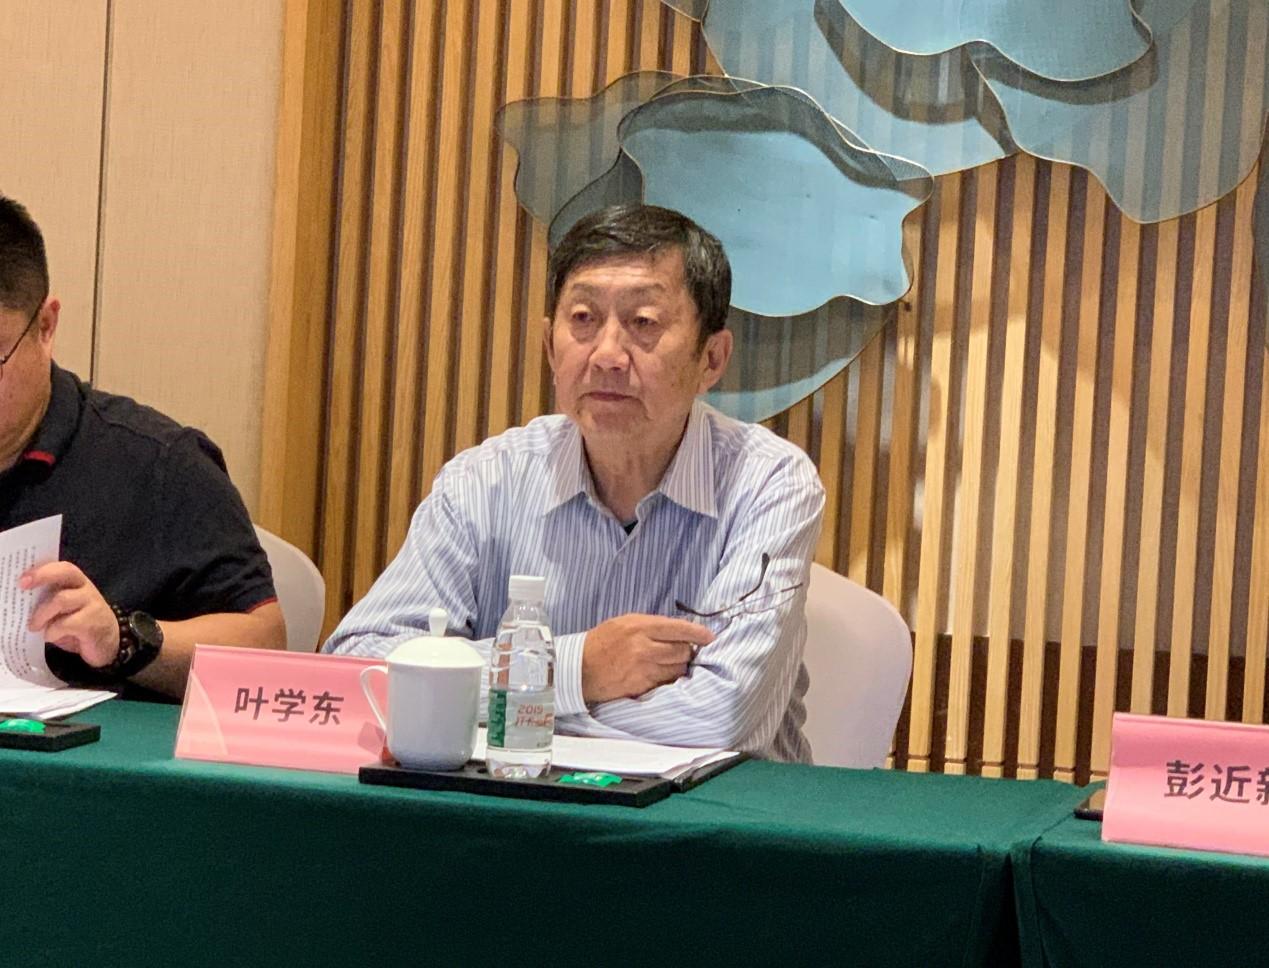 国家环境保护工业副产石膏资源化利用工程技术中心 专家委员会第二次工作会议在海南举行